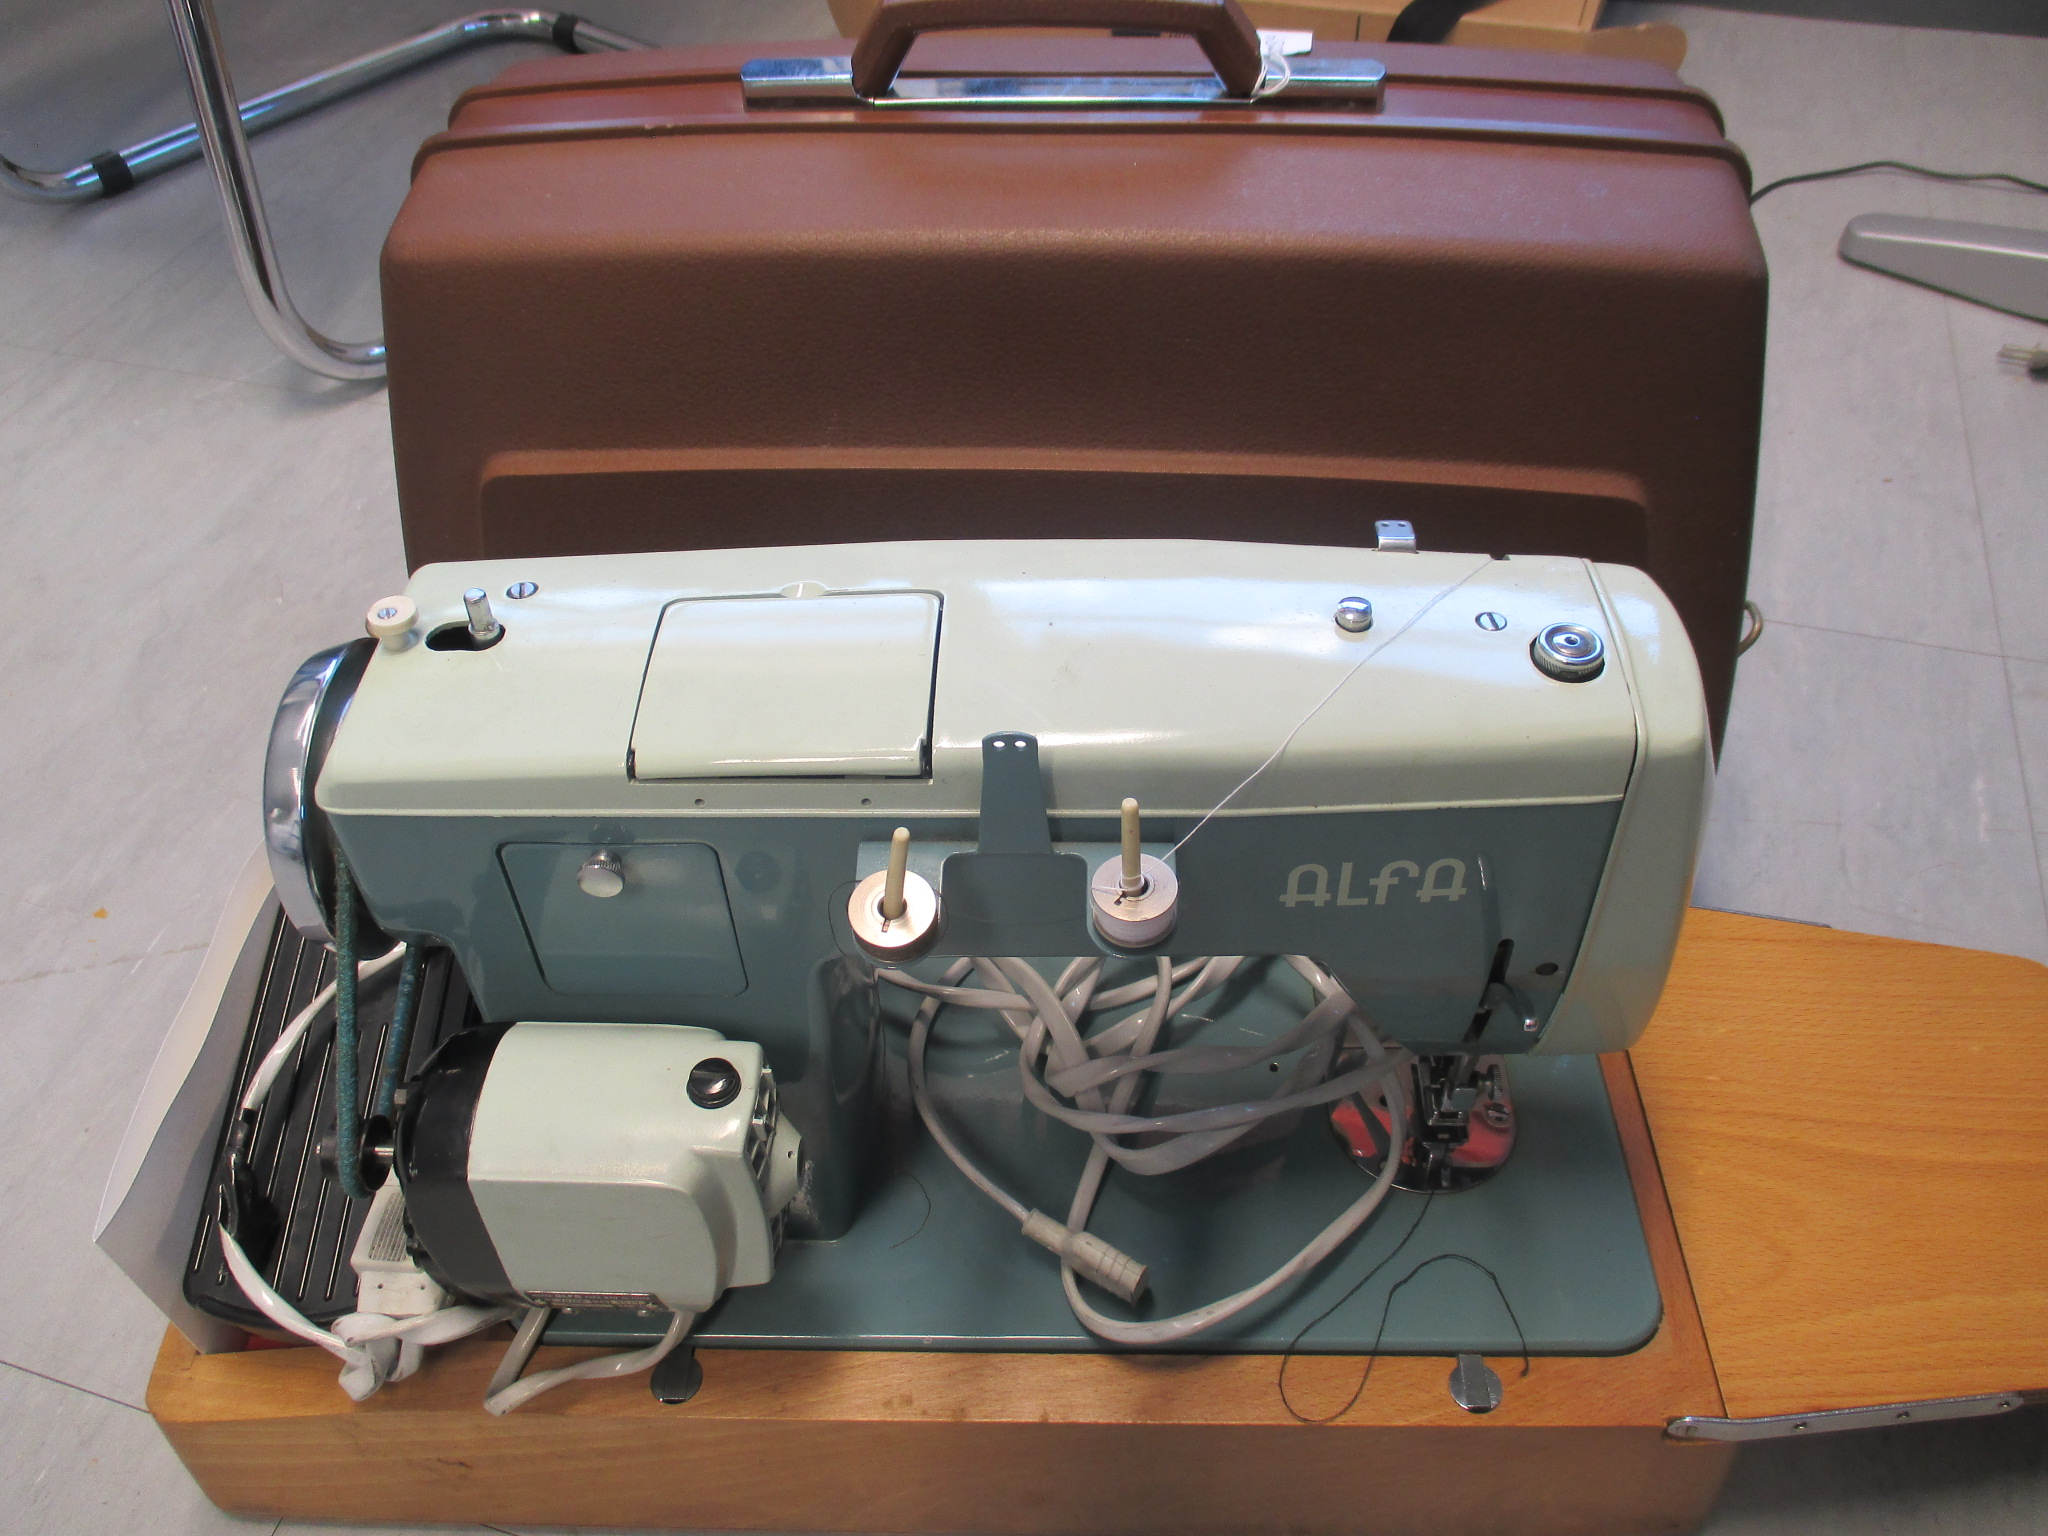 Maquina de coser ALFAMATIC 109 de ALFA.